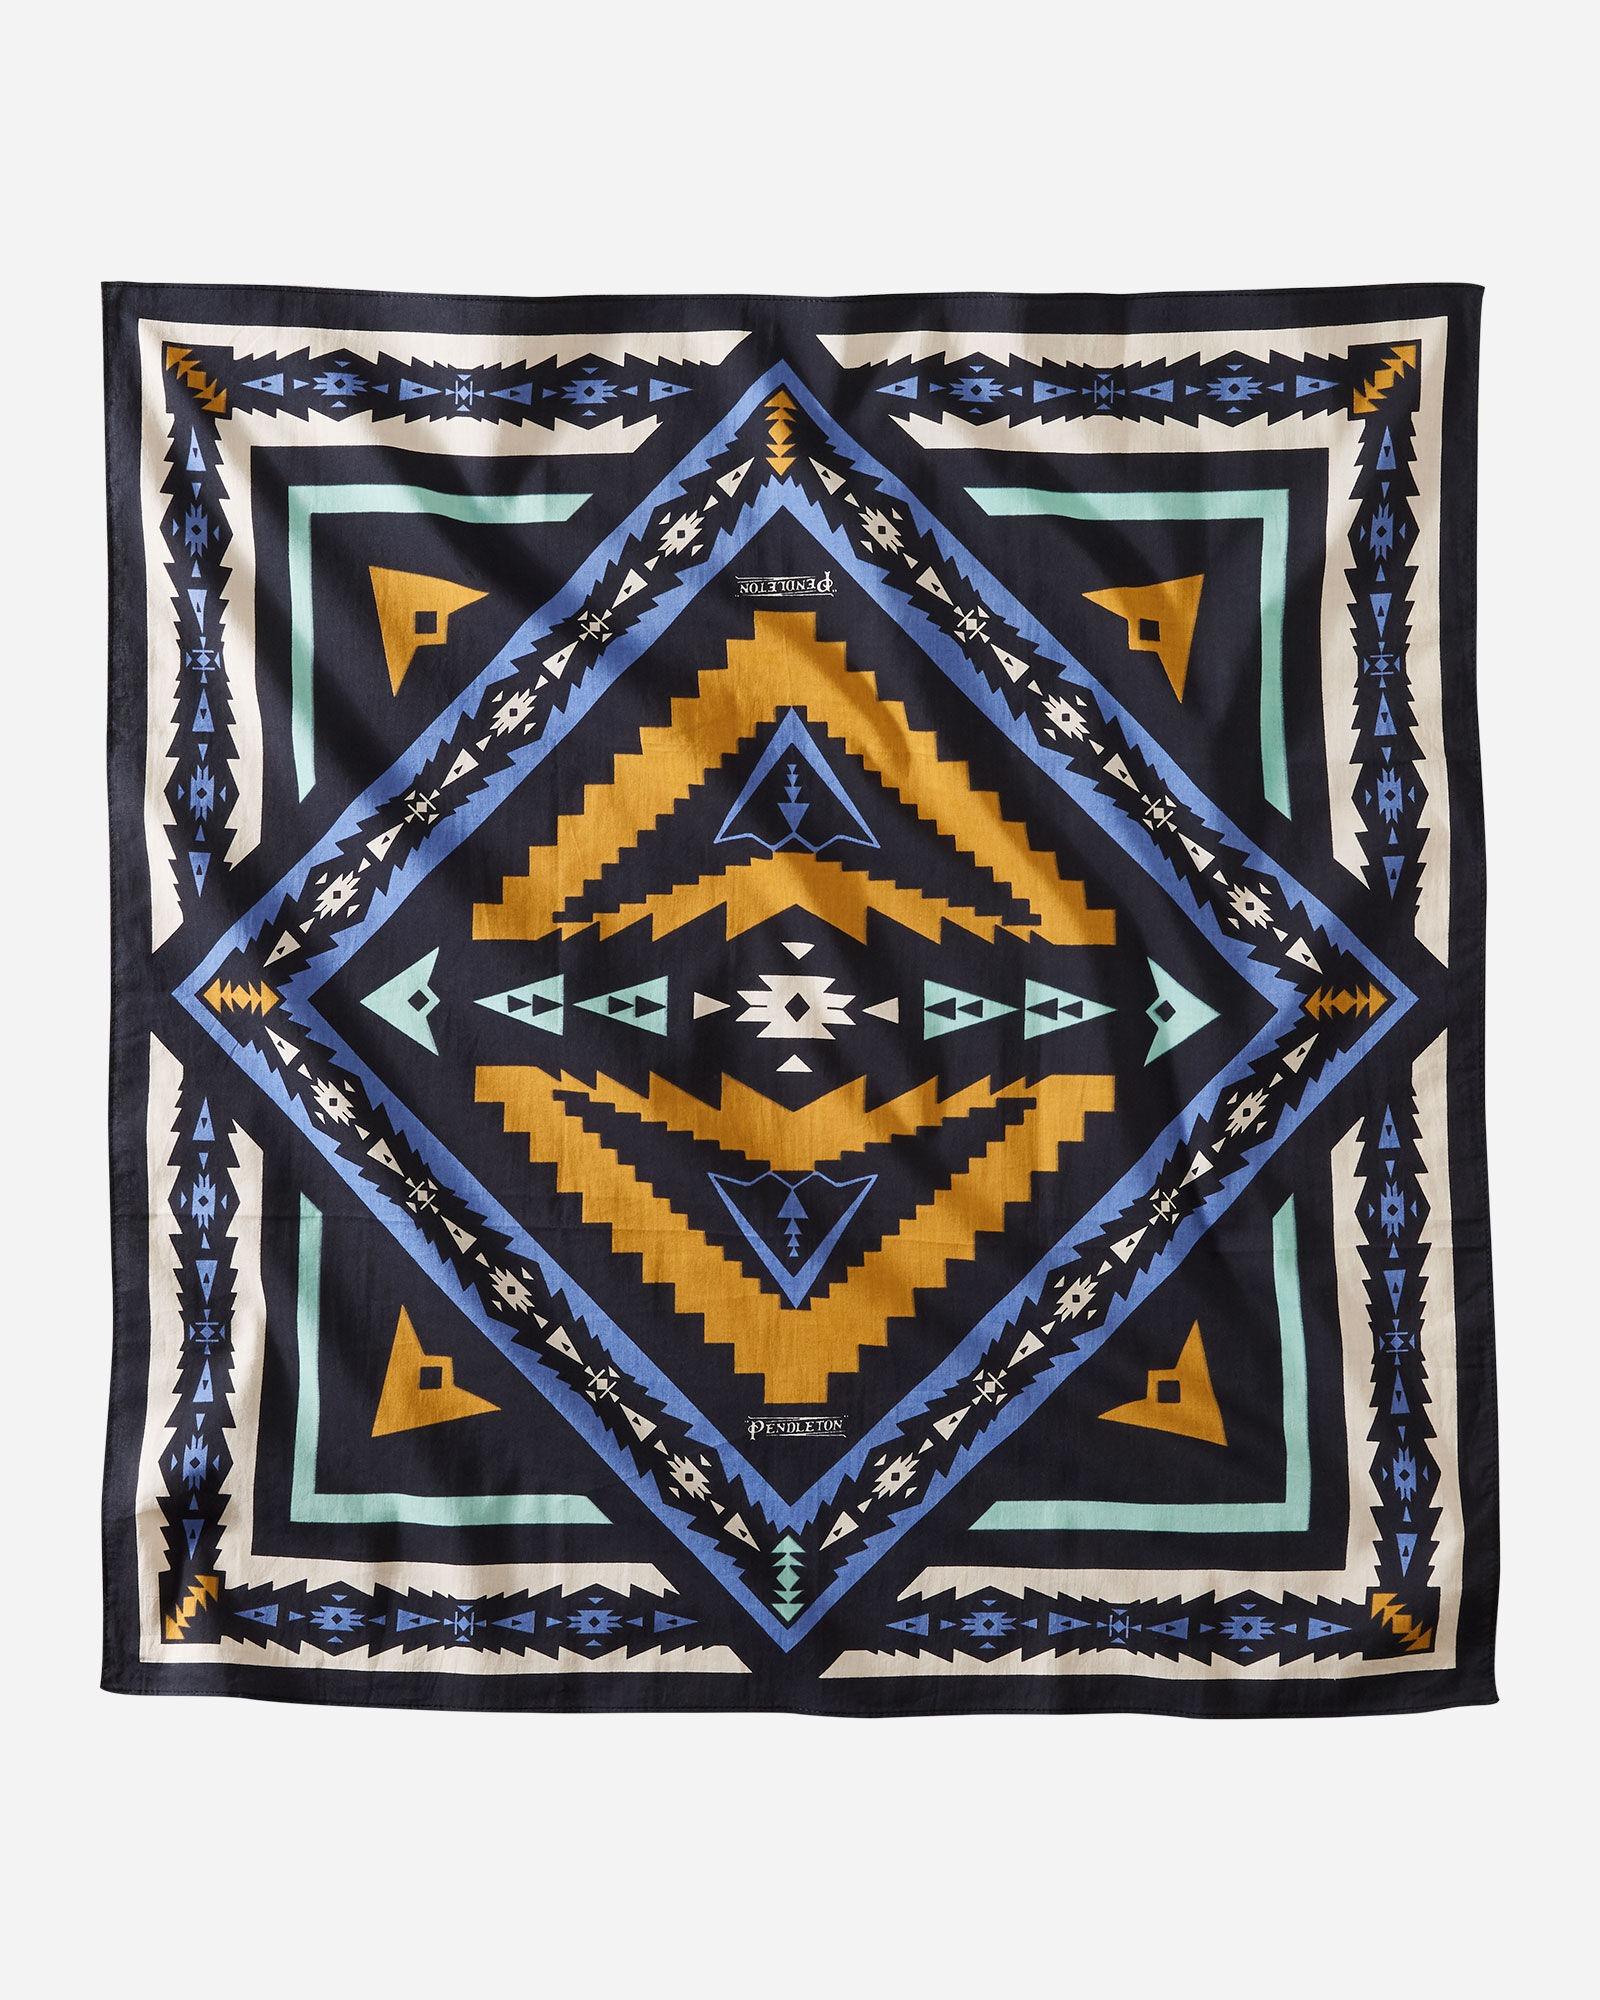 jumbo bandana with aztec style design